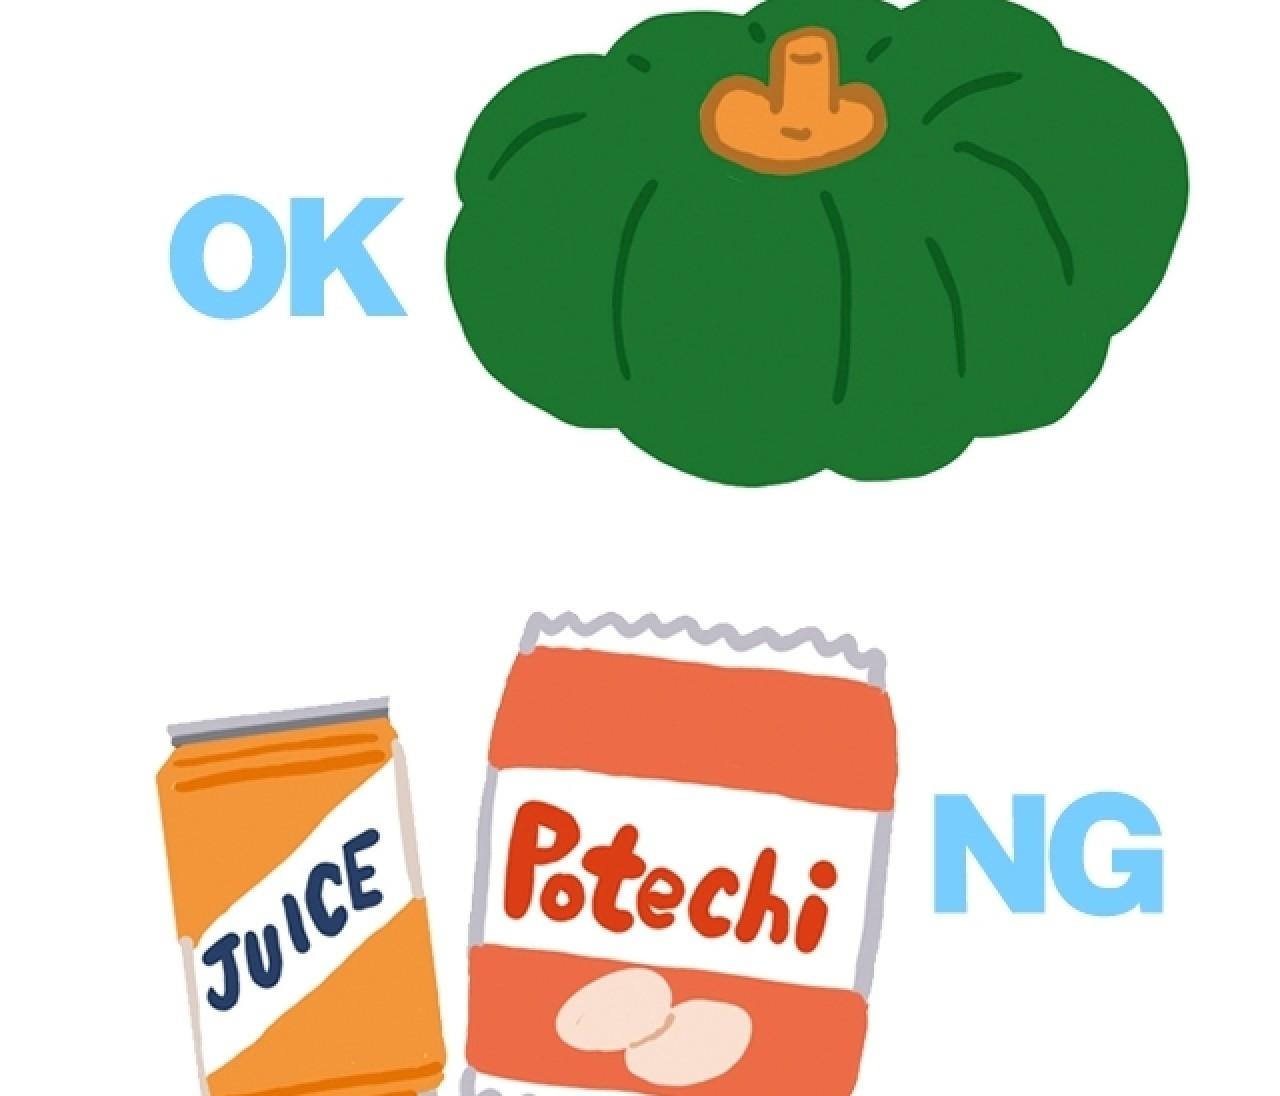 糖質オフが苦手な人もチャレンジしやすい、伝説のアドバイザーによる「続けられるダイエット」メソッド!